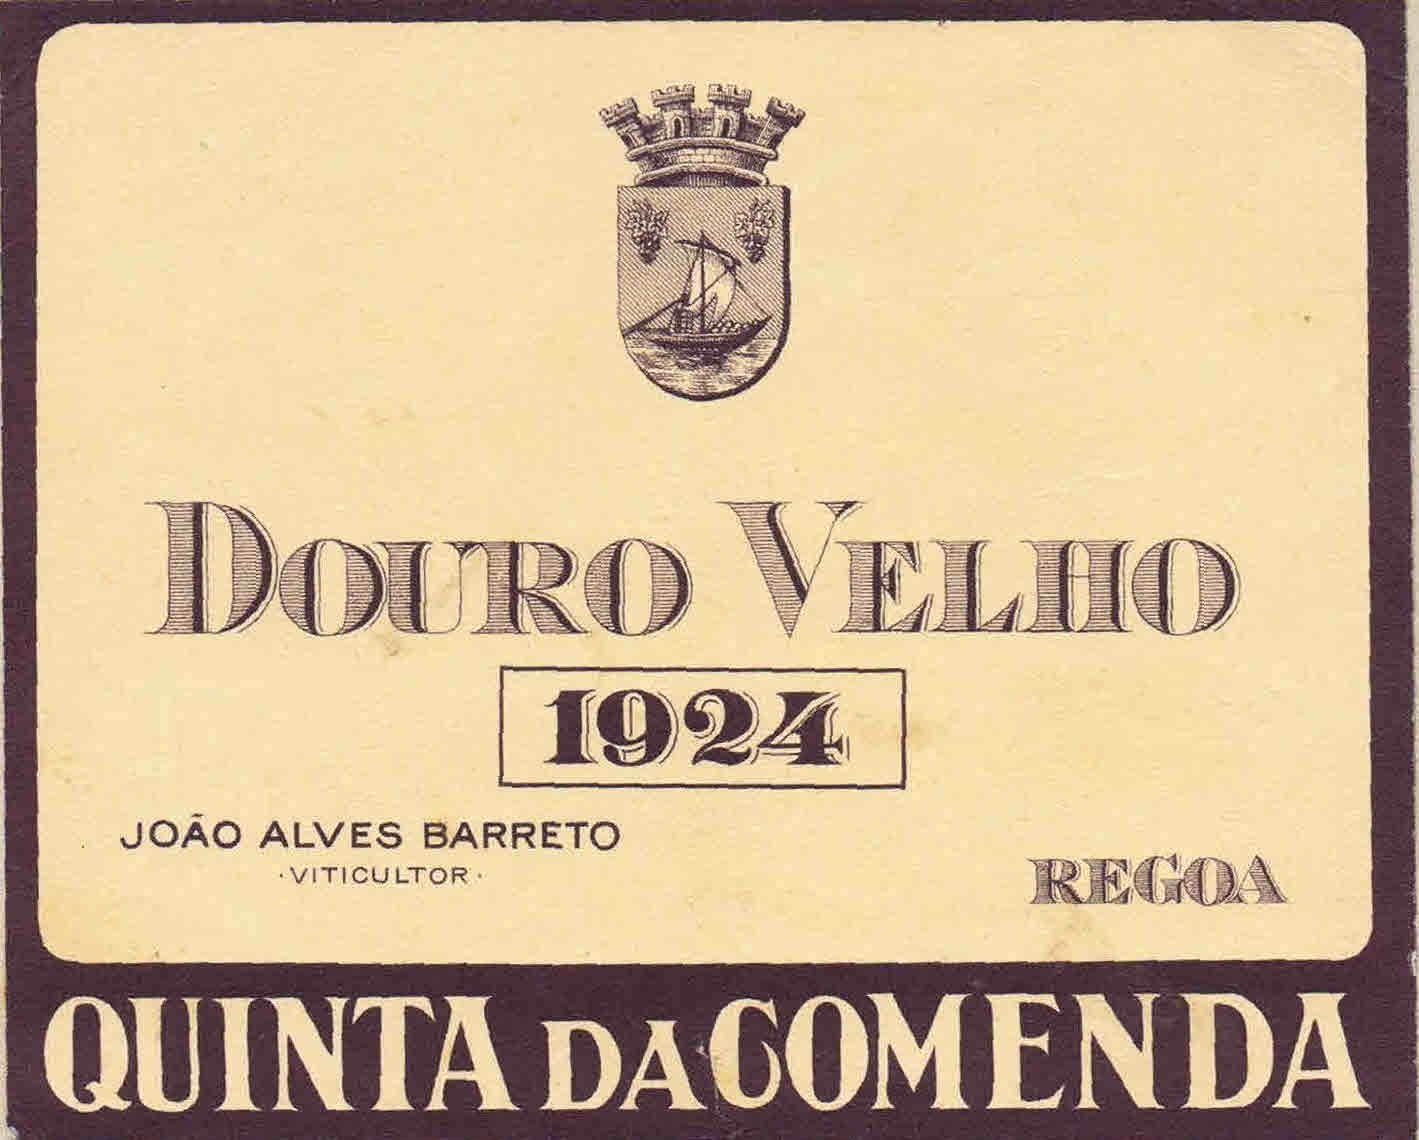 Quinta da Comenda - Douro Velho 1924